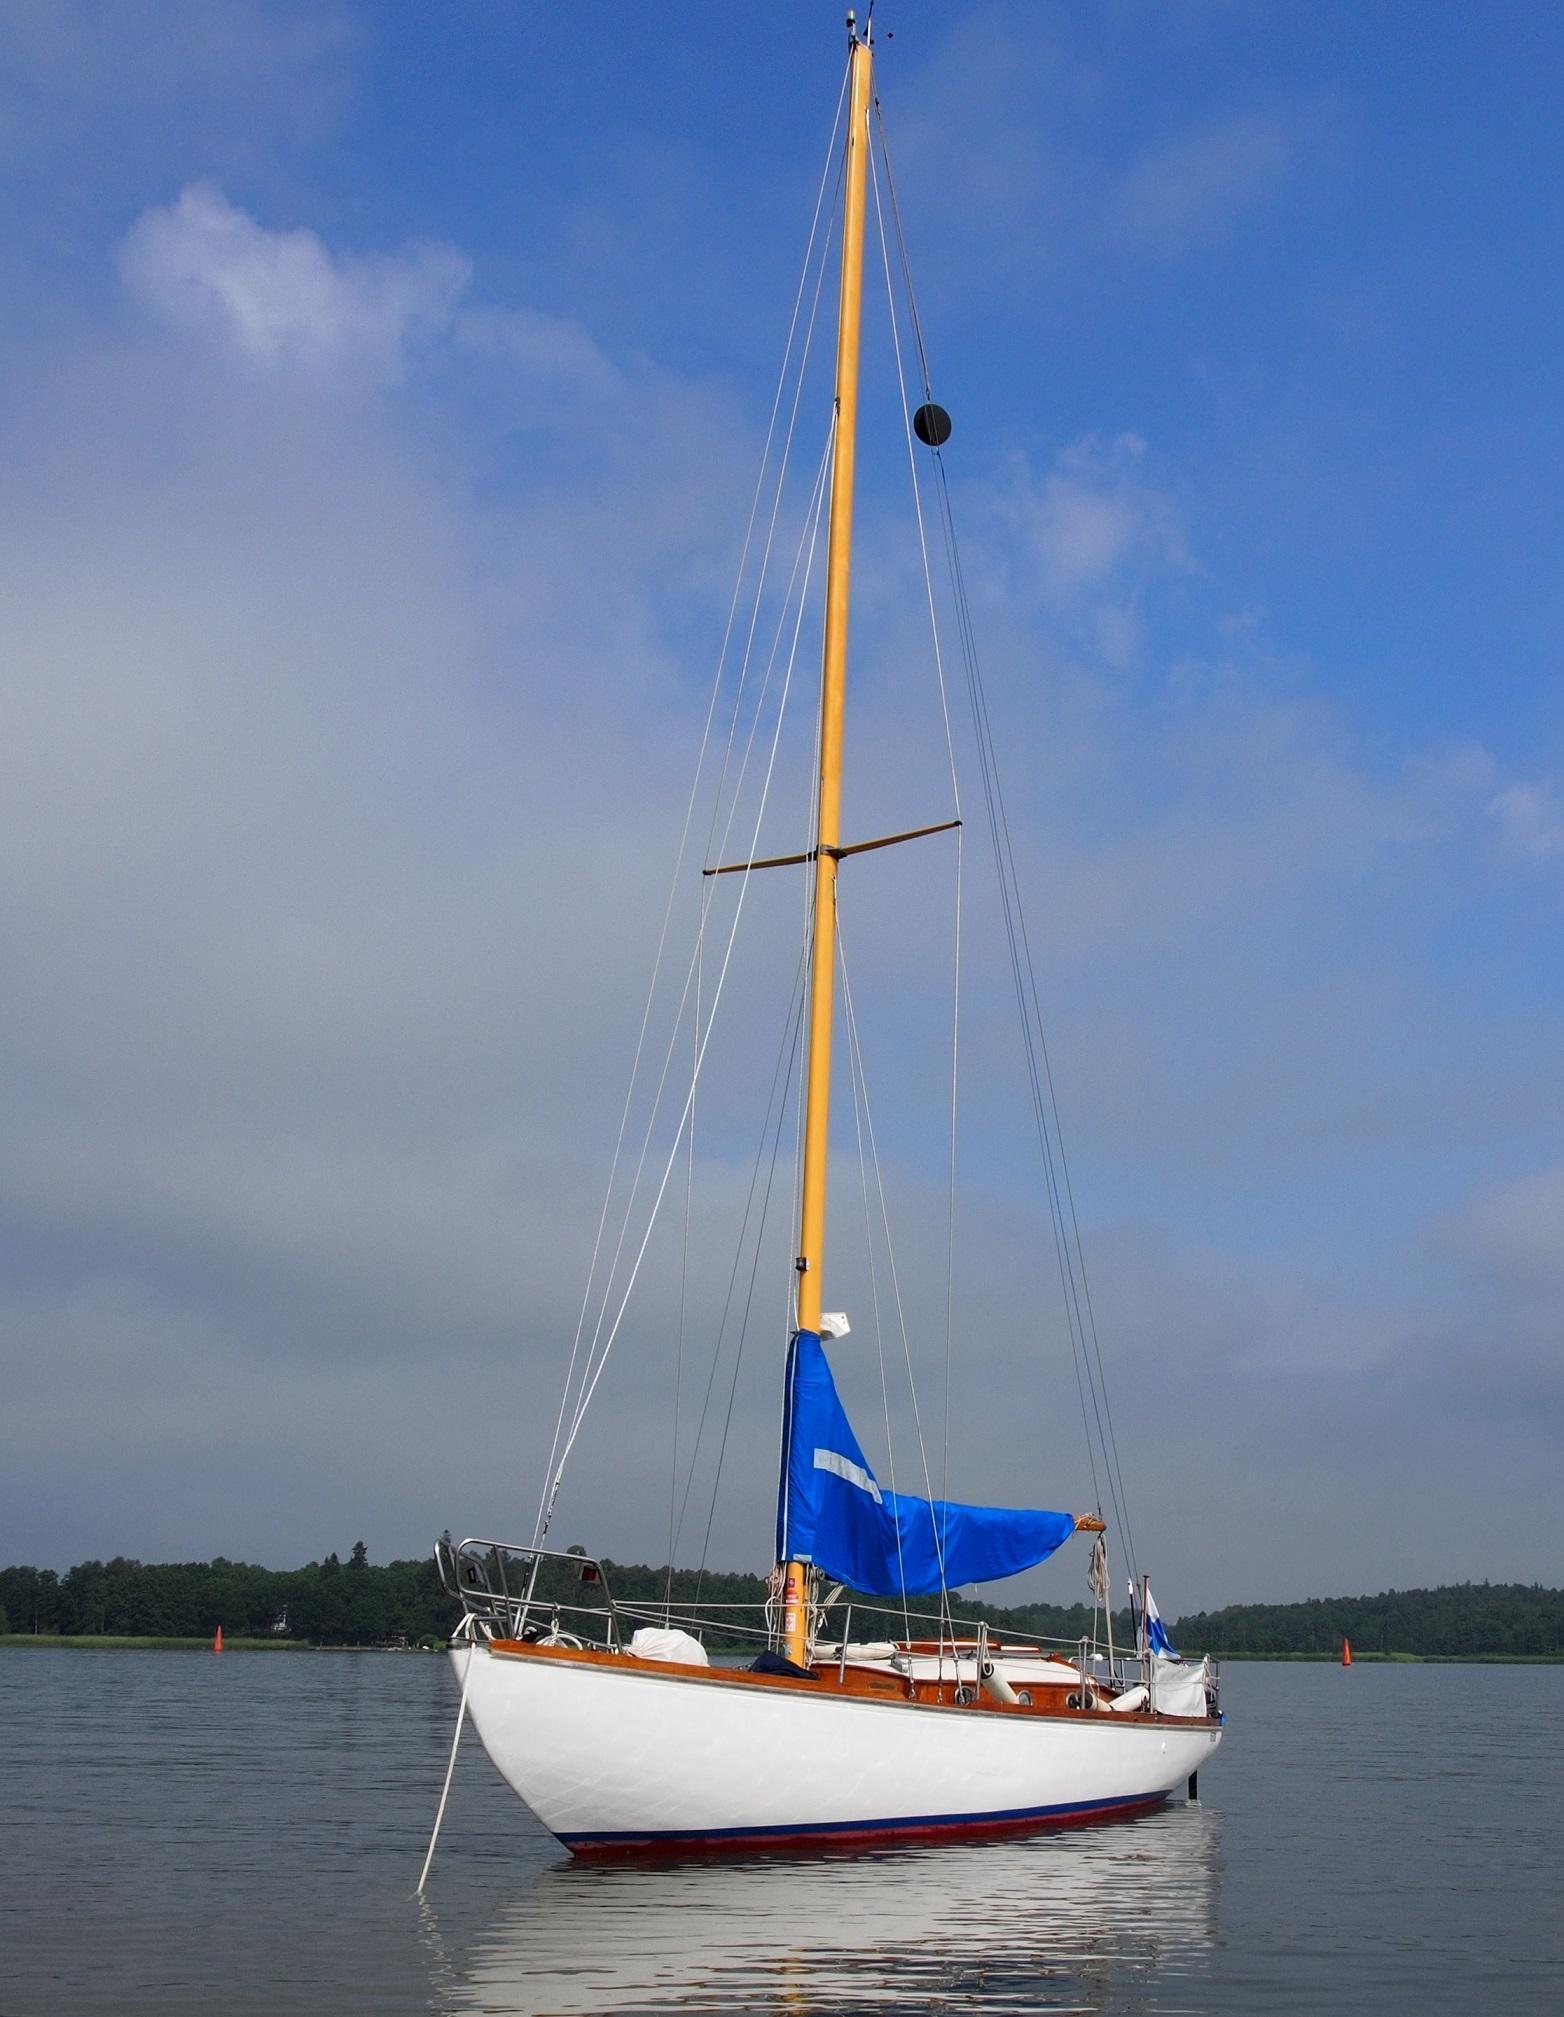 Kustkryssare no. 341 Delfin FIN-272